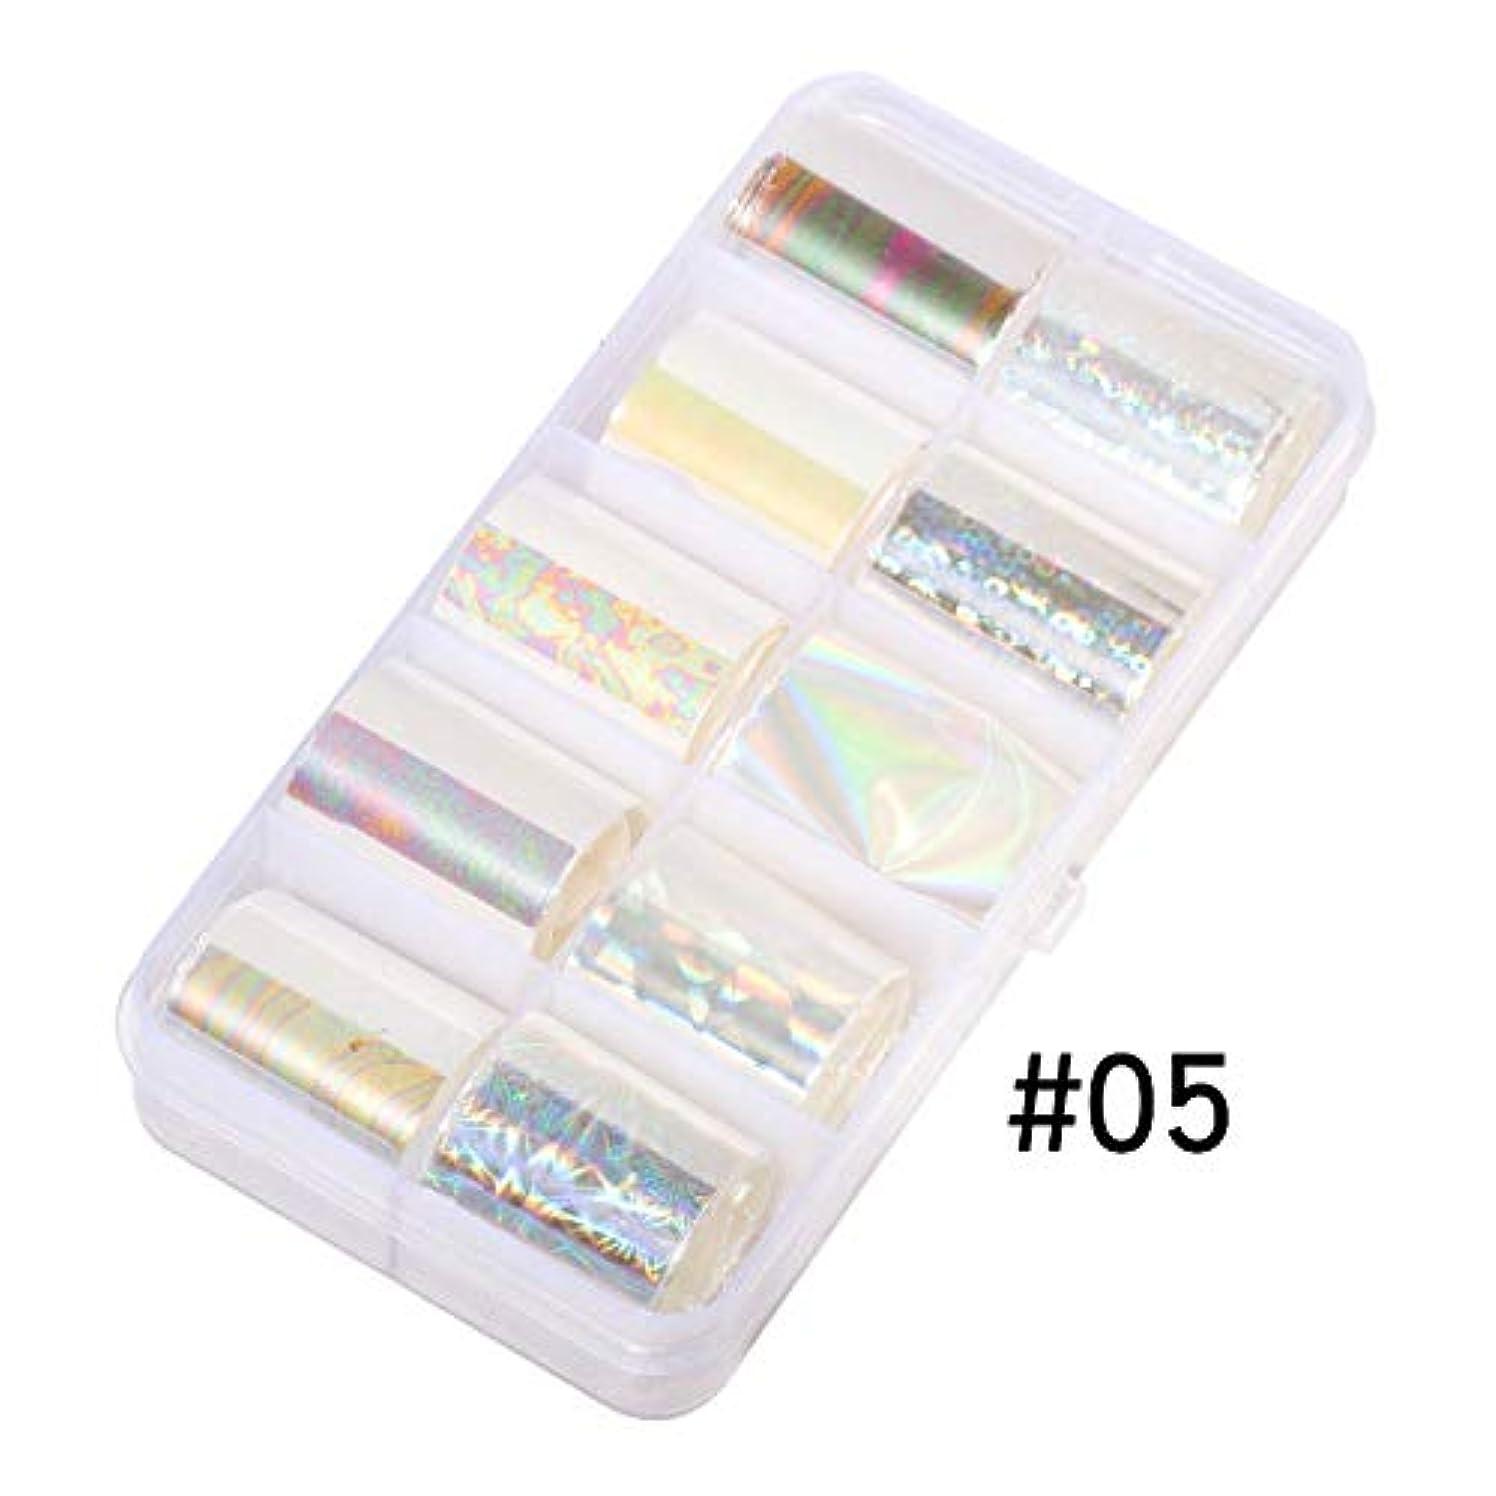 蓄積する解放するスペースOSOGODE(オソグド) ネイルホイルシール ネイルステッカー 貝殻シール 貝殻柄ネイルホイル箔 10色セット セロファン DIYネイルチップデコレーション (W5)